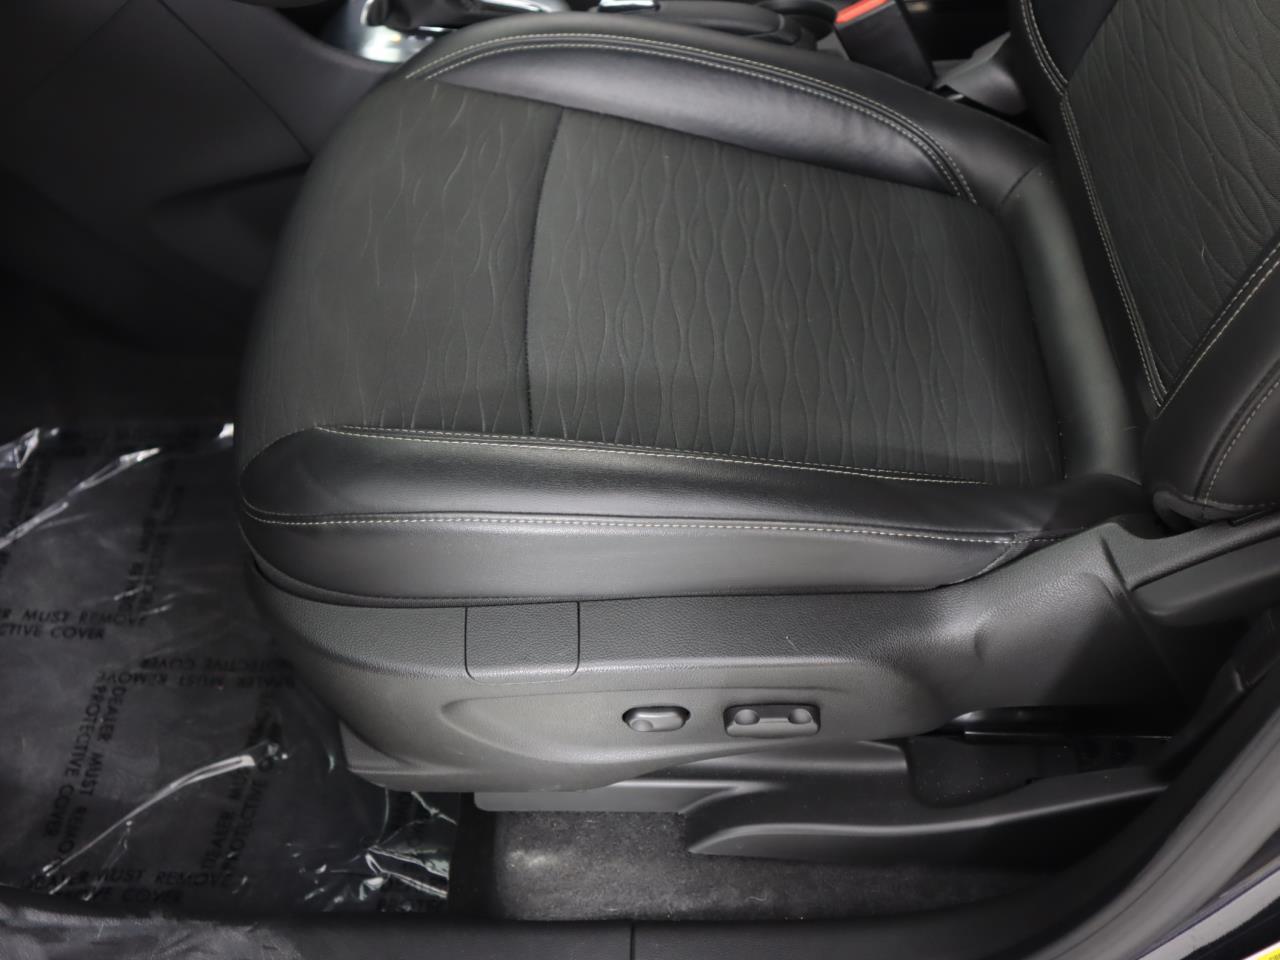 used vehicle - SUV BUICK ENCORE 2016